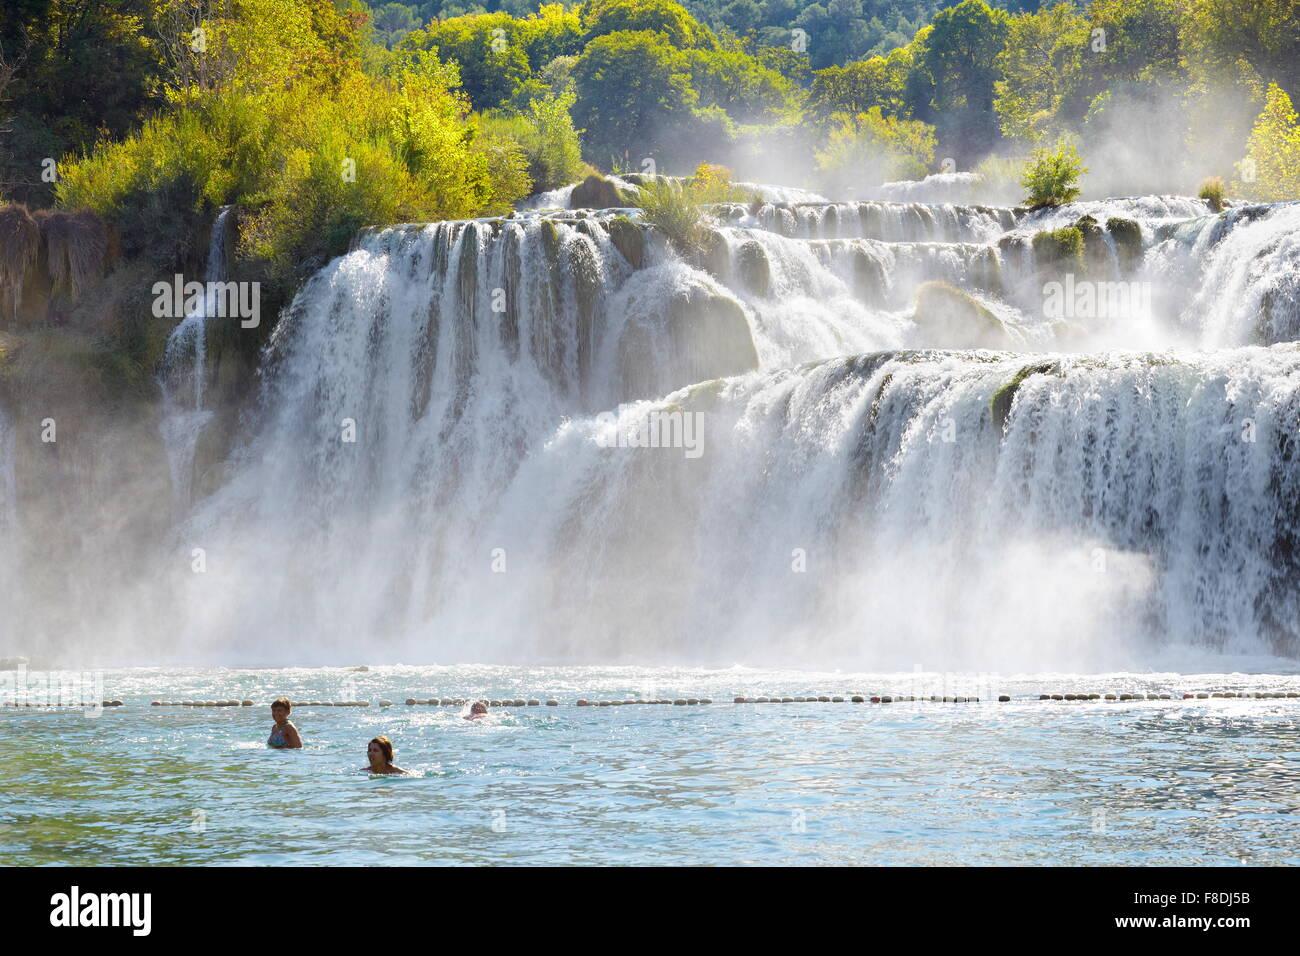 Las cataratas de Krka, el Parque Nacional de Krka, Croacia, Europa Imagen De Stock